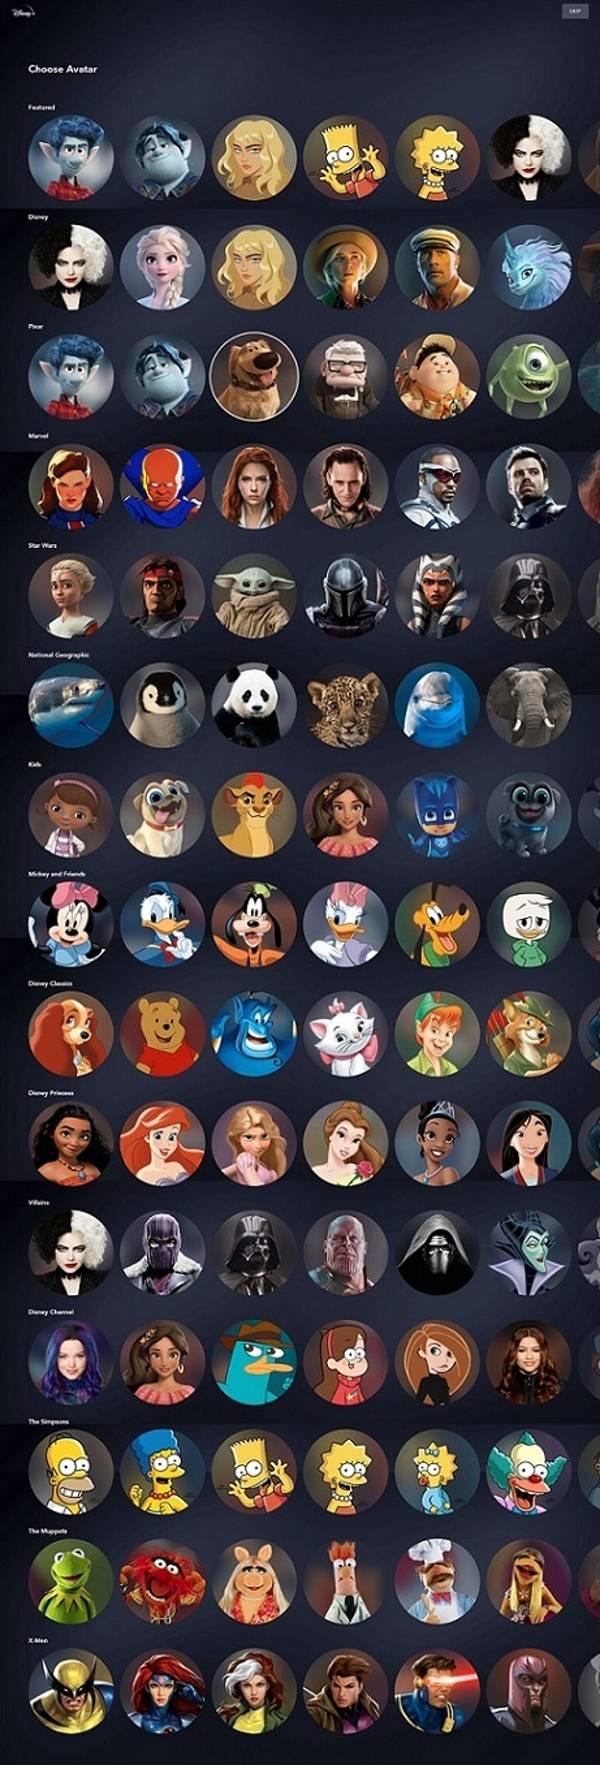 アカウントプロフィールキャラクター画像 (C) 2021 Disney and its related entities